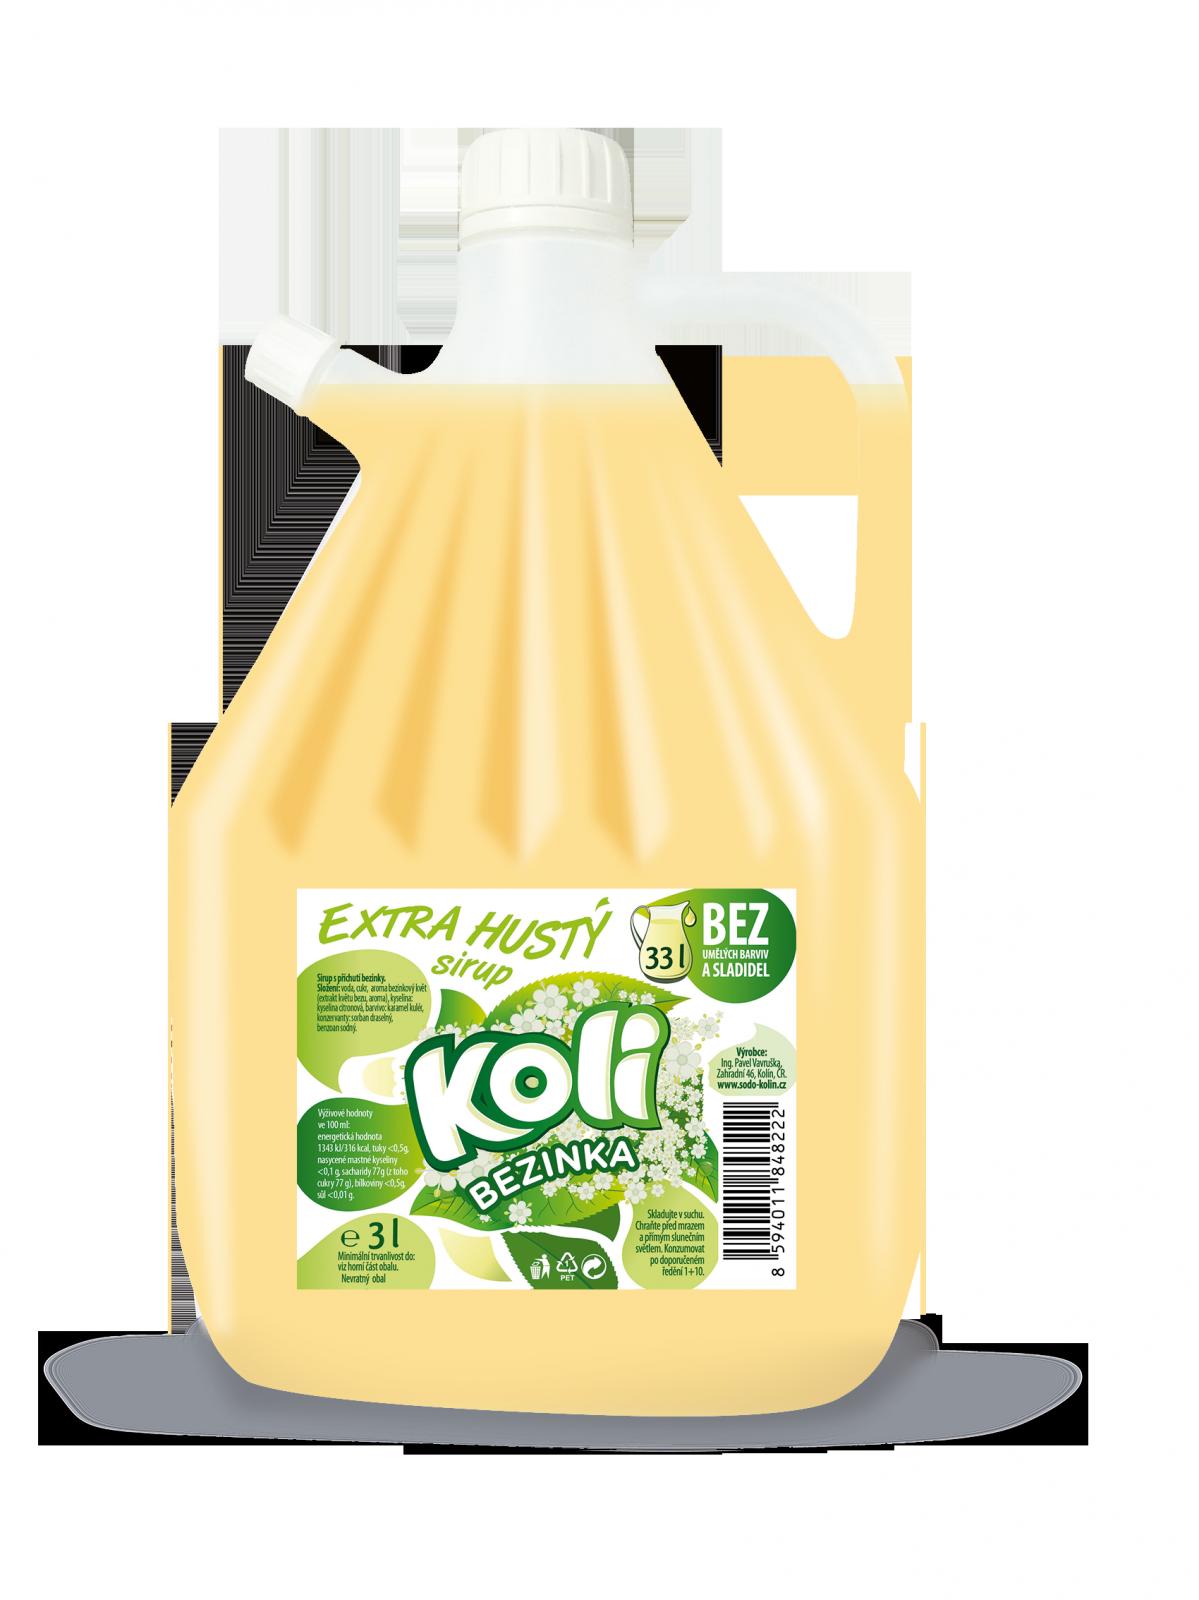 Koli sirup EXTRA hustý 3lt bezinka - osviežujúca limonáda s príchuťou bezinky. Sodovkárna Kolín